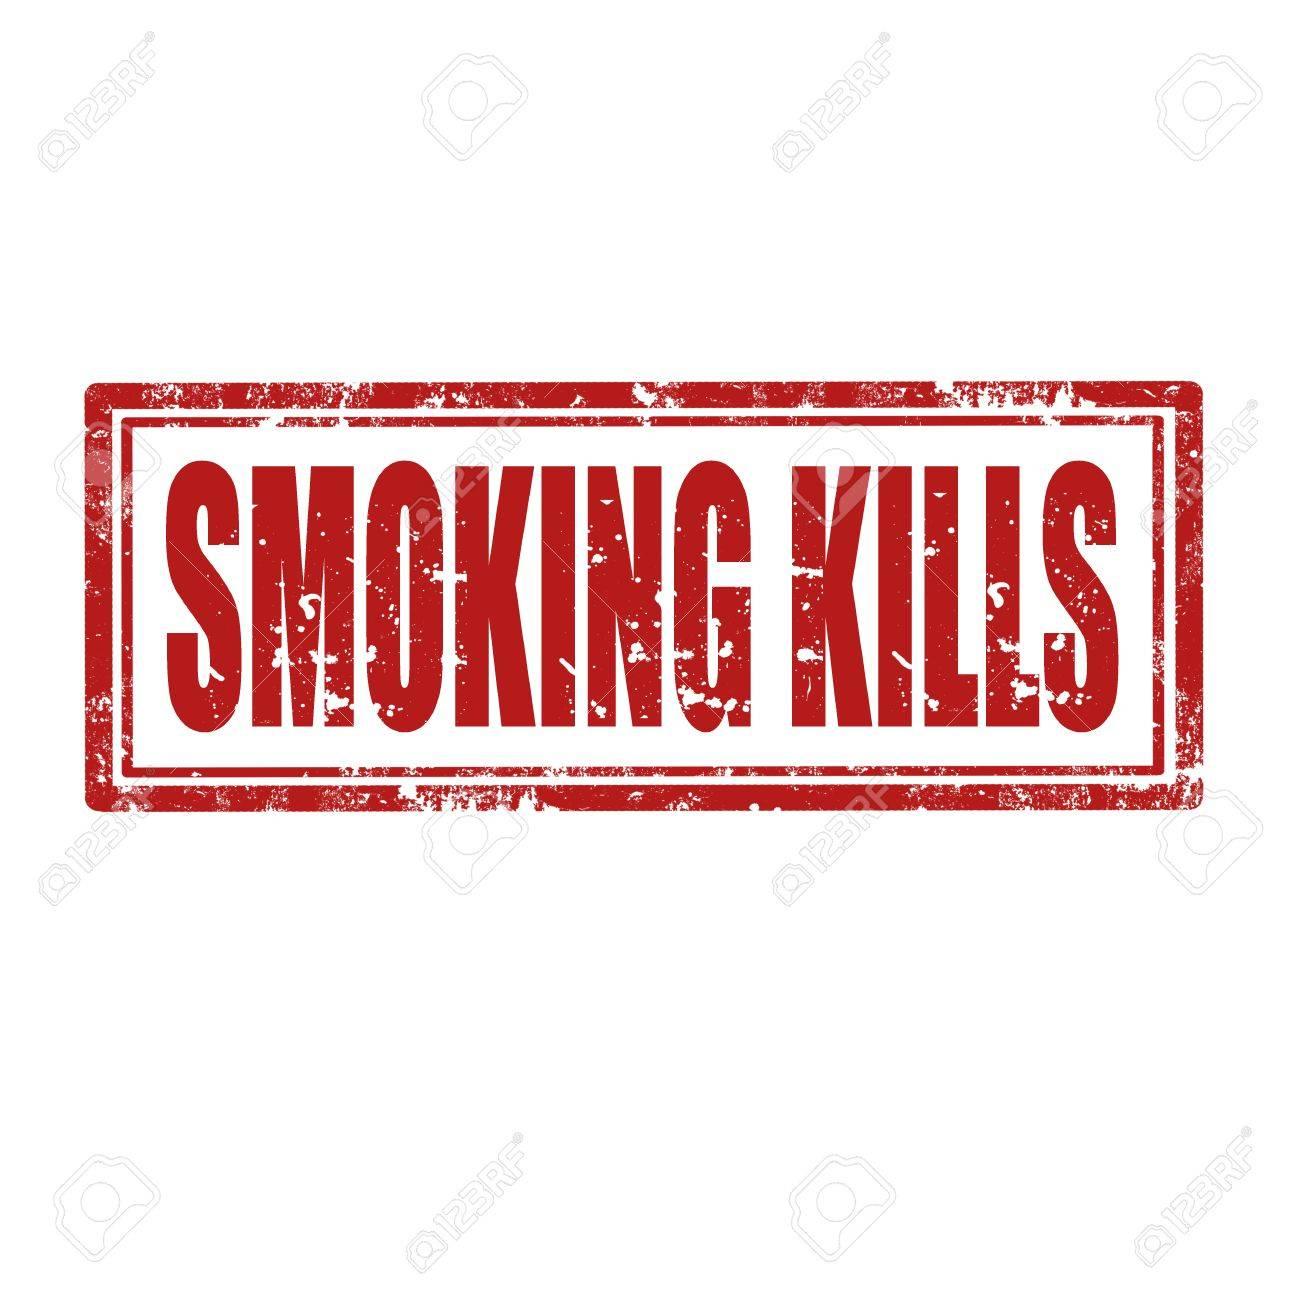 Smoking Kills - Rectangle Signs Royalty Free Cliparts, Vectors ...